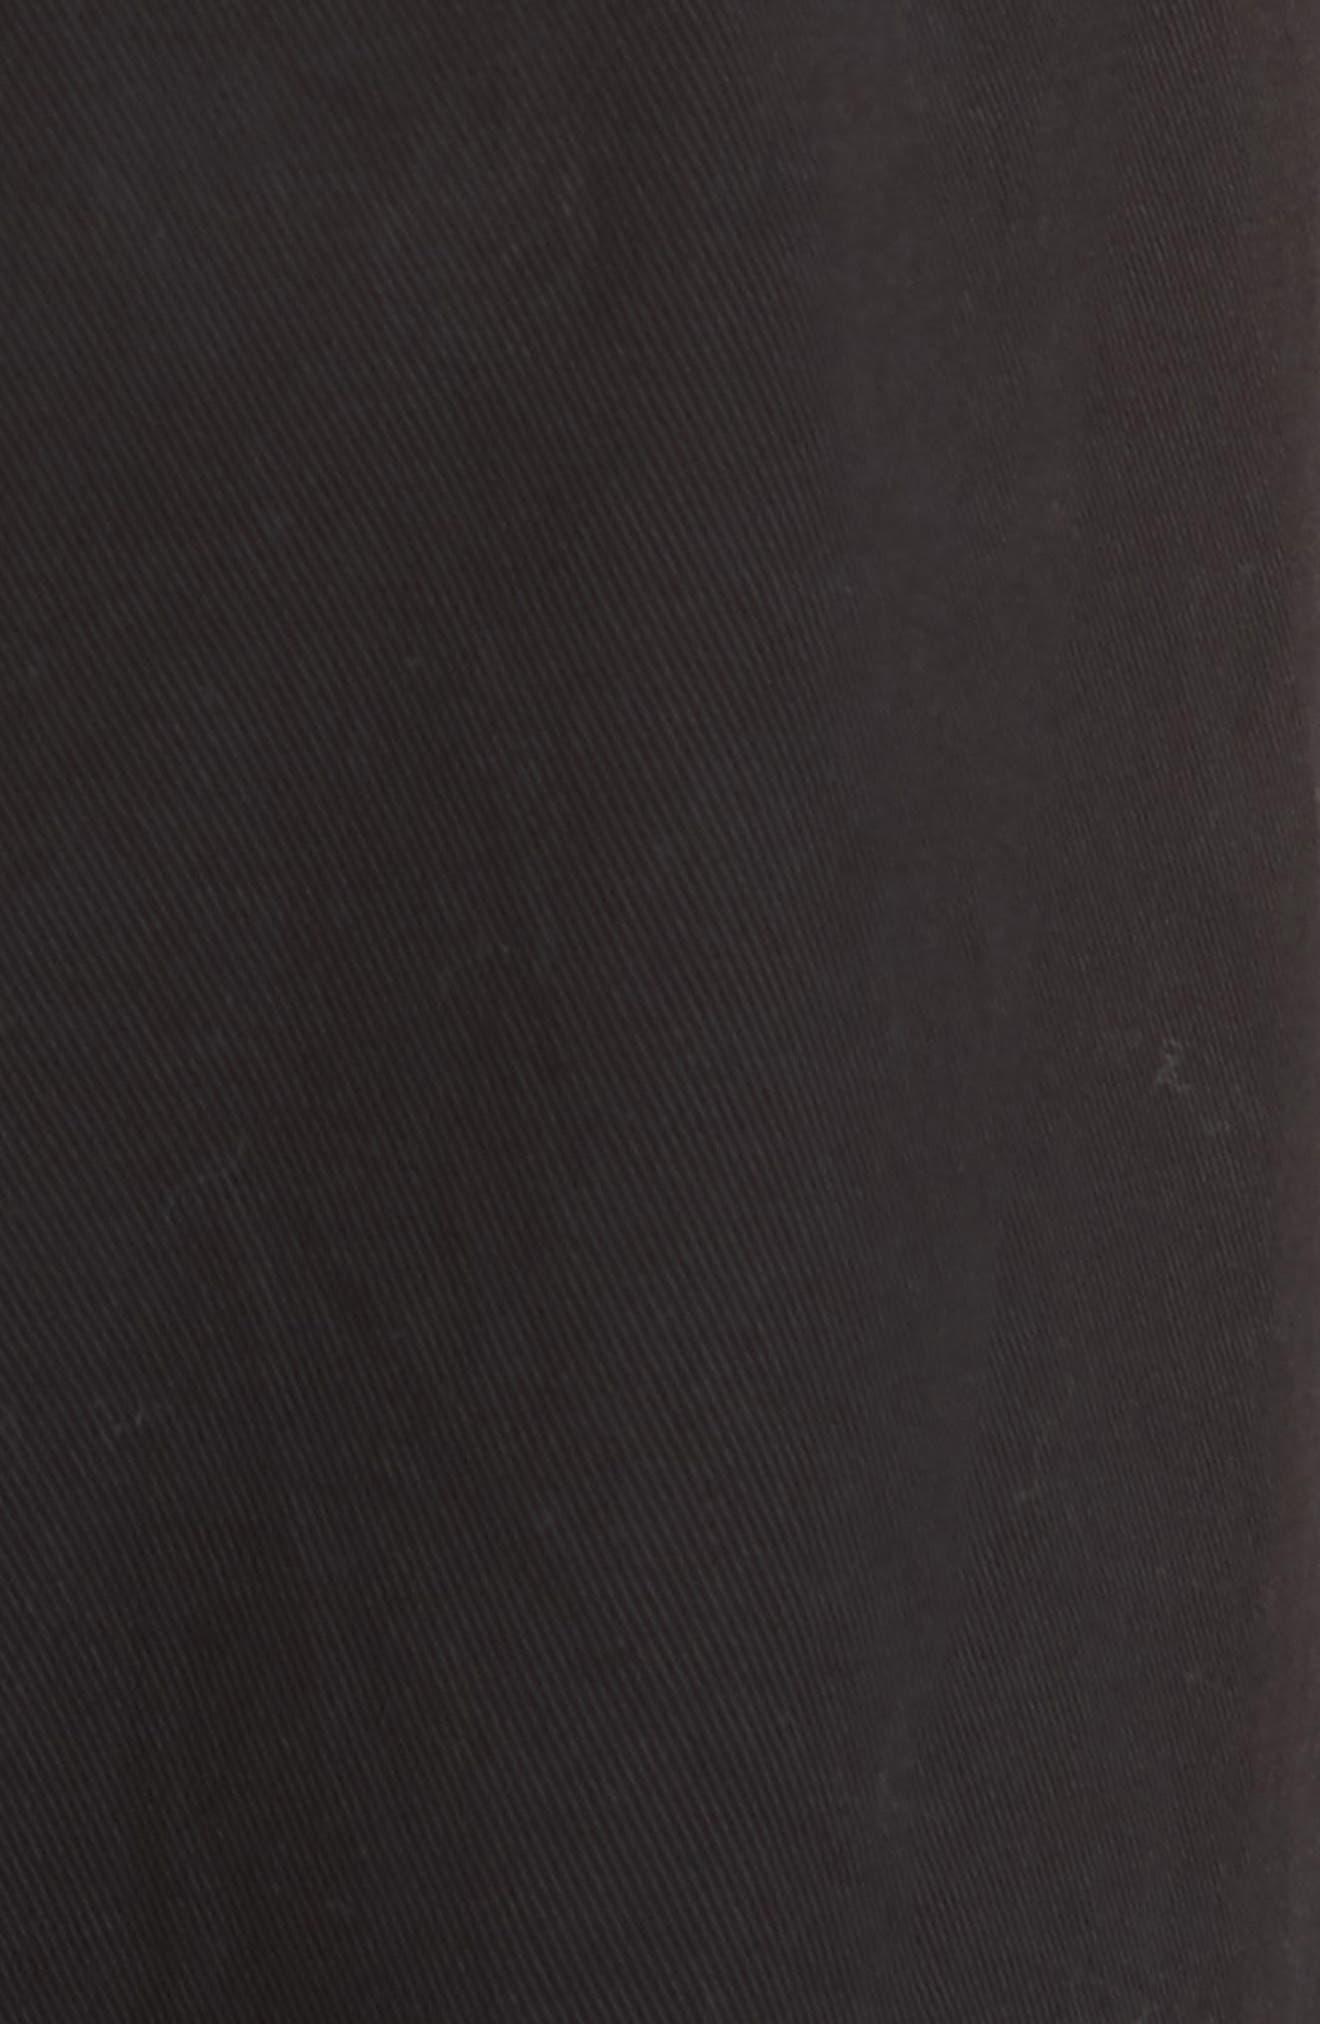 Pierce Crop Pants,                             Alternate thumbnail 5, color,                             Black